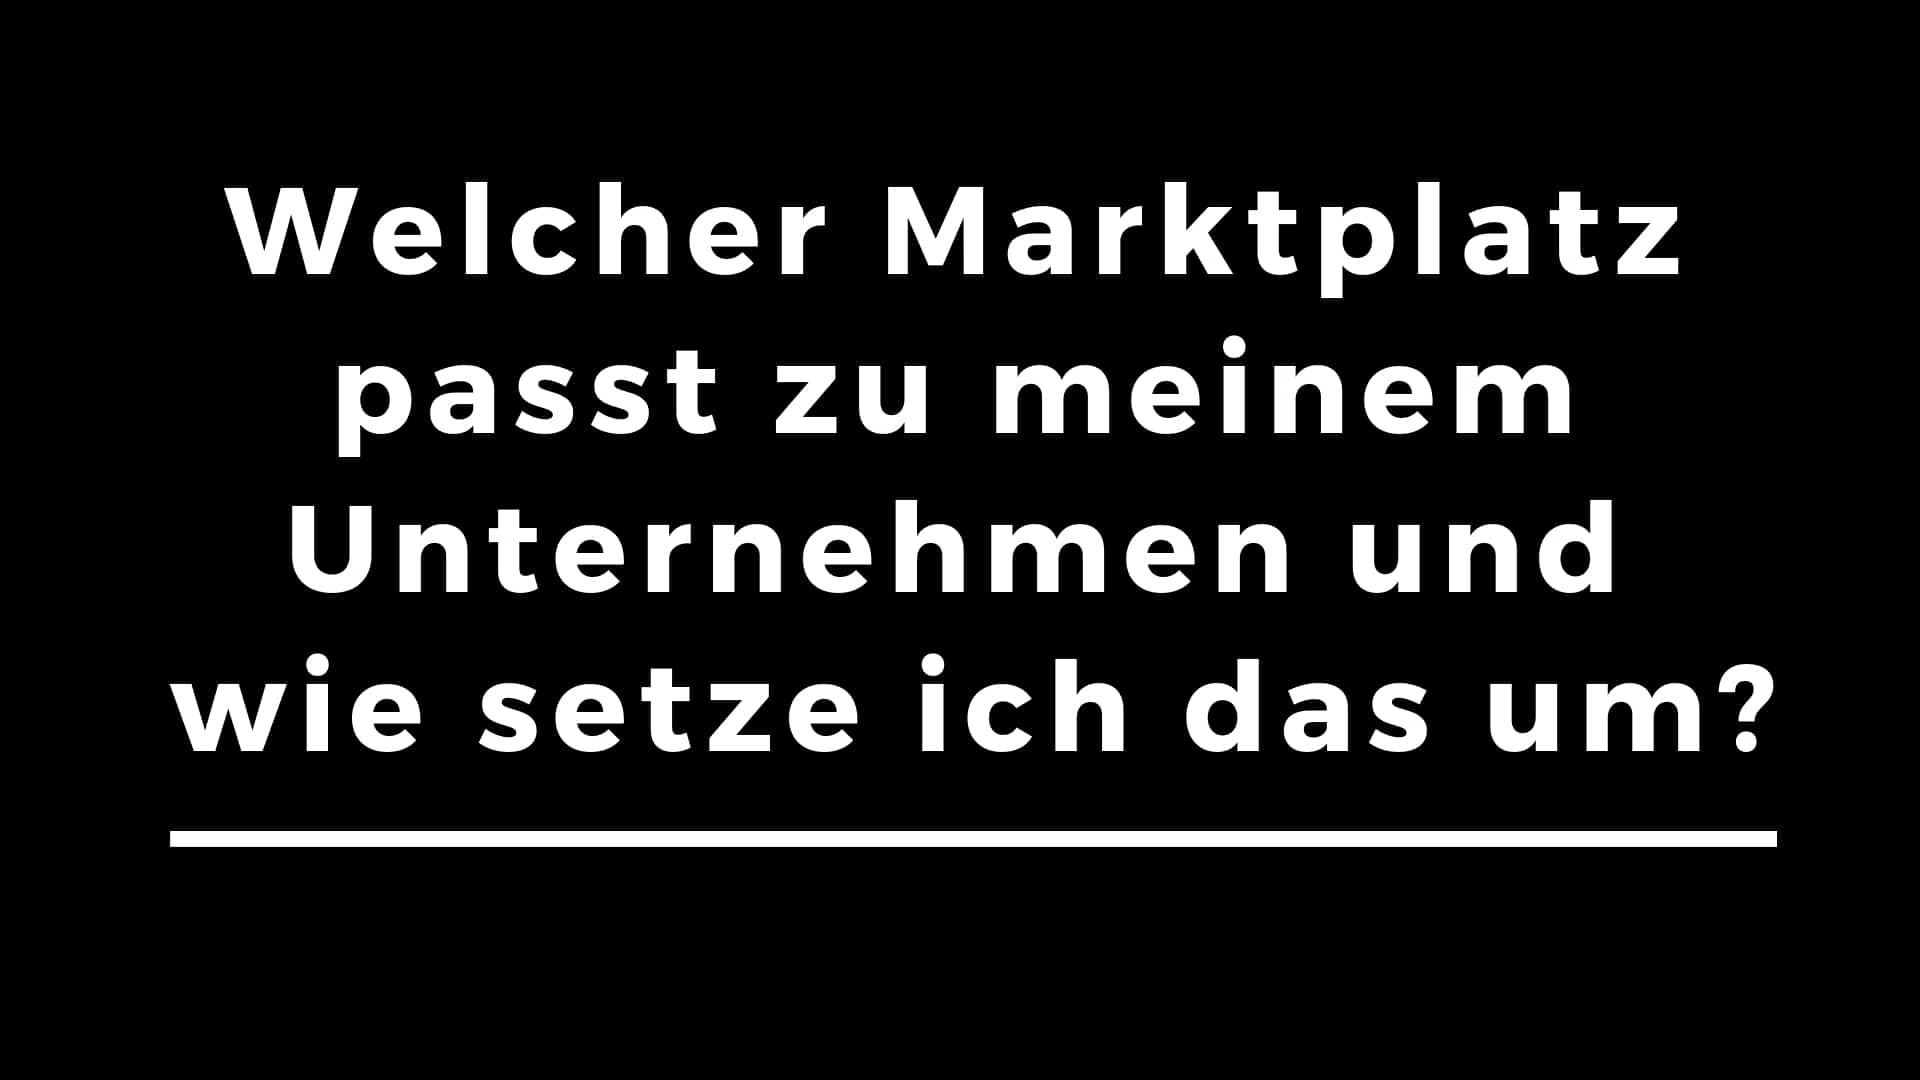 Workshop über Online Marktplätze zur Strategiefindung mit Thomas Neumesiter.